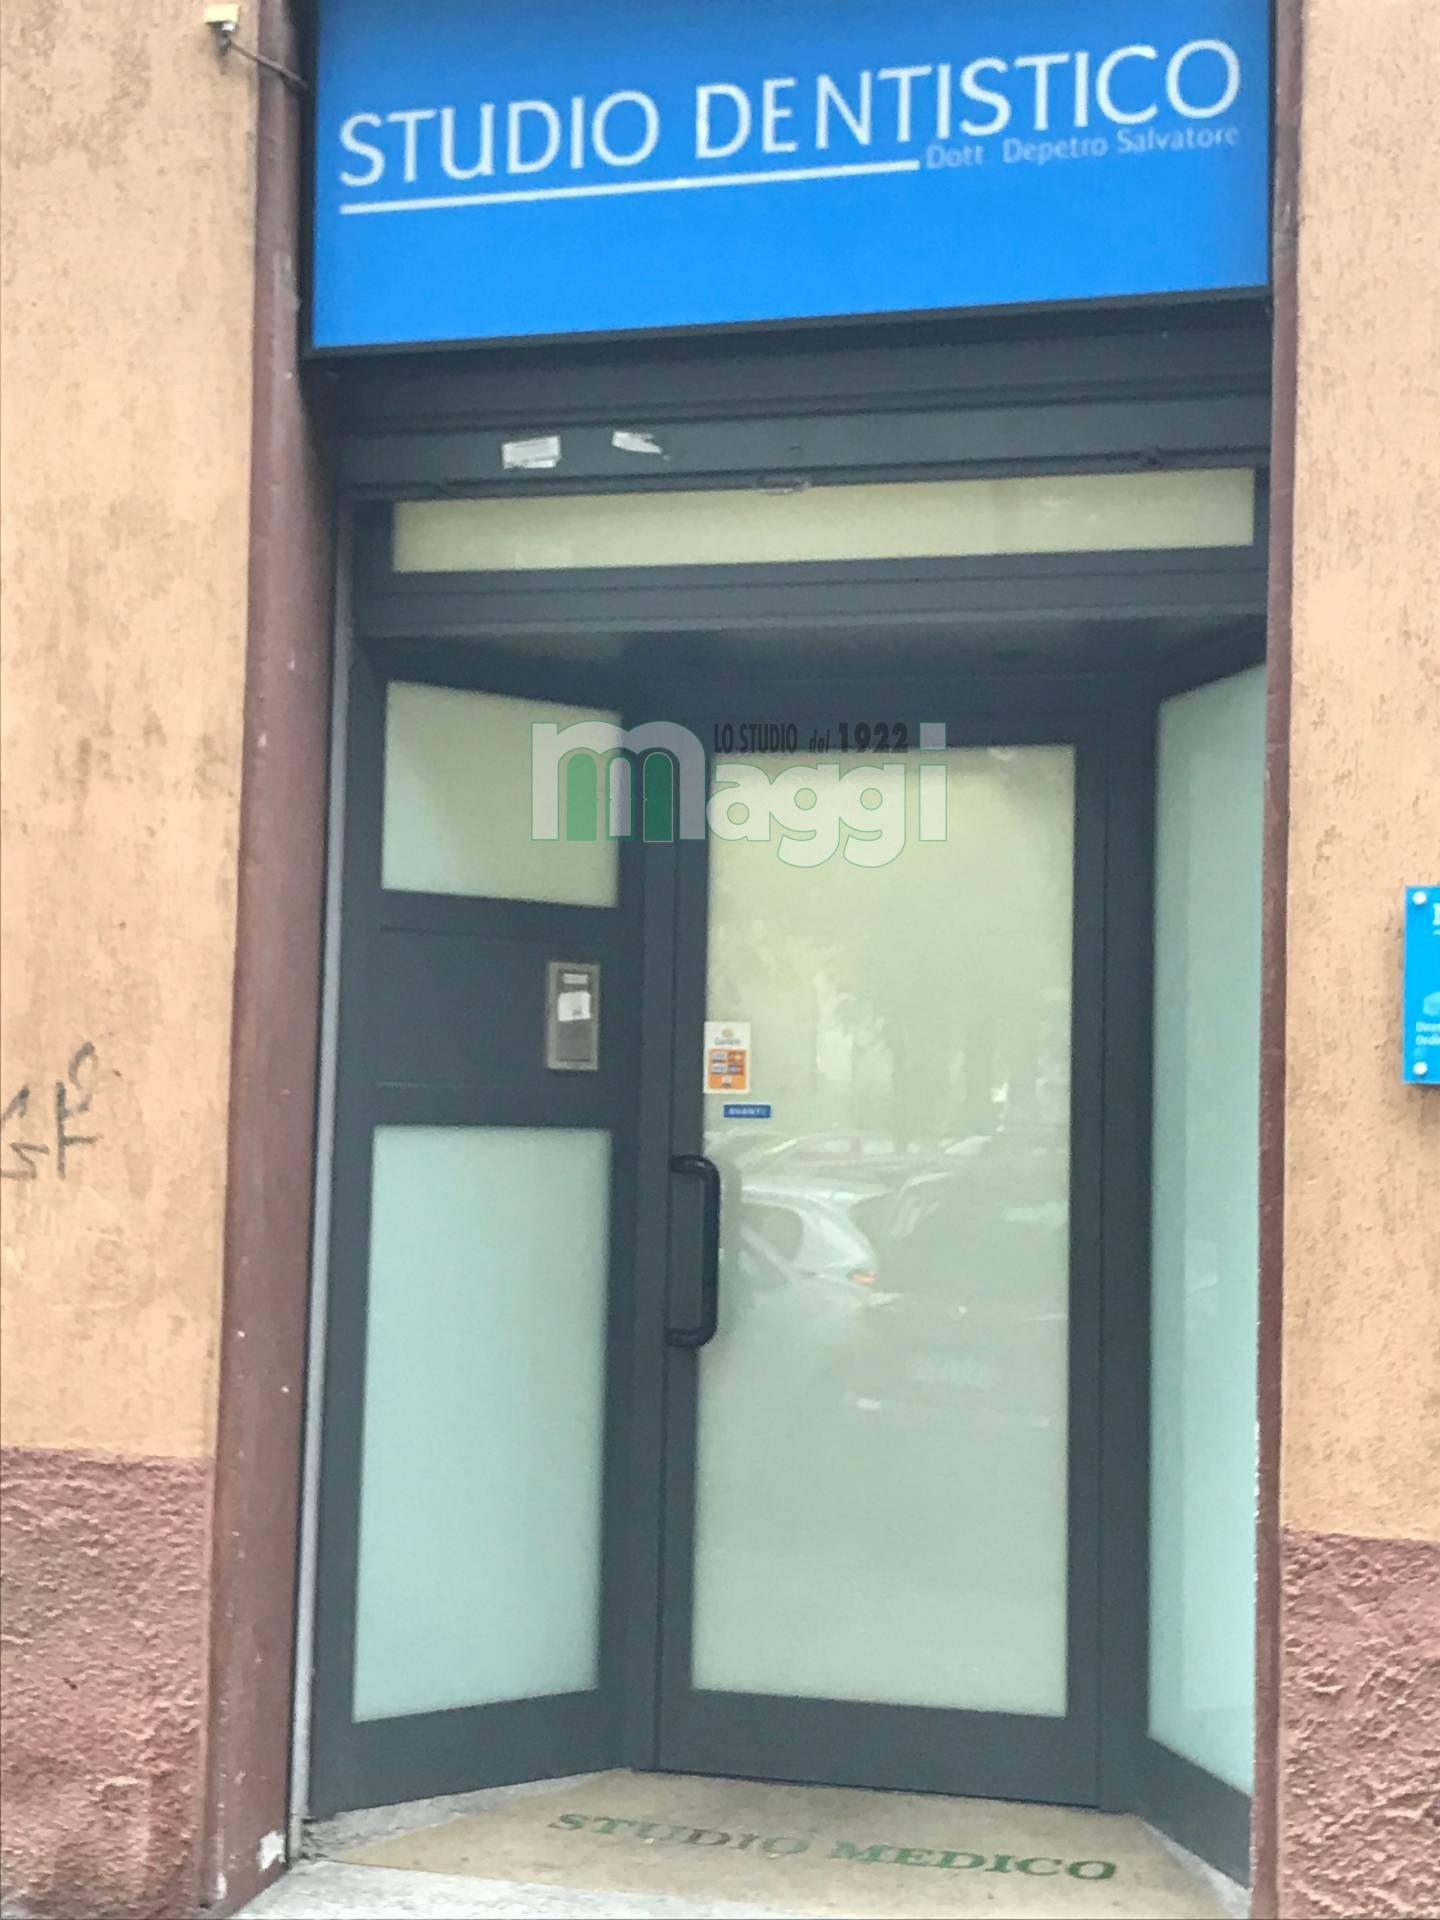 Ufficio-studio in Affitto a Milano:  3 locali, 90 mq  - Foto 1